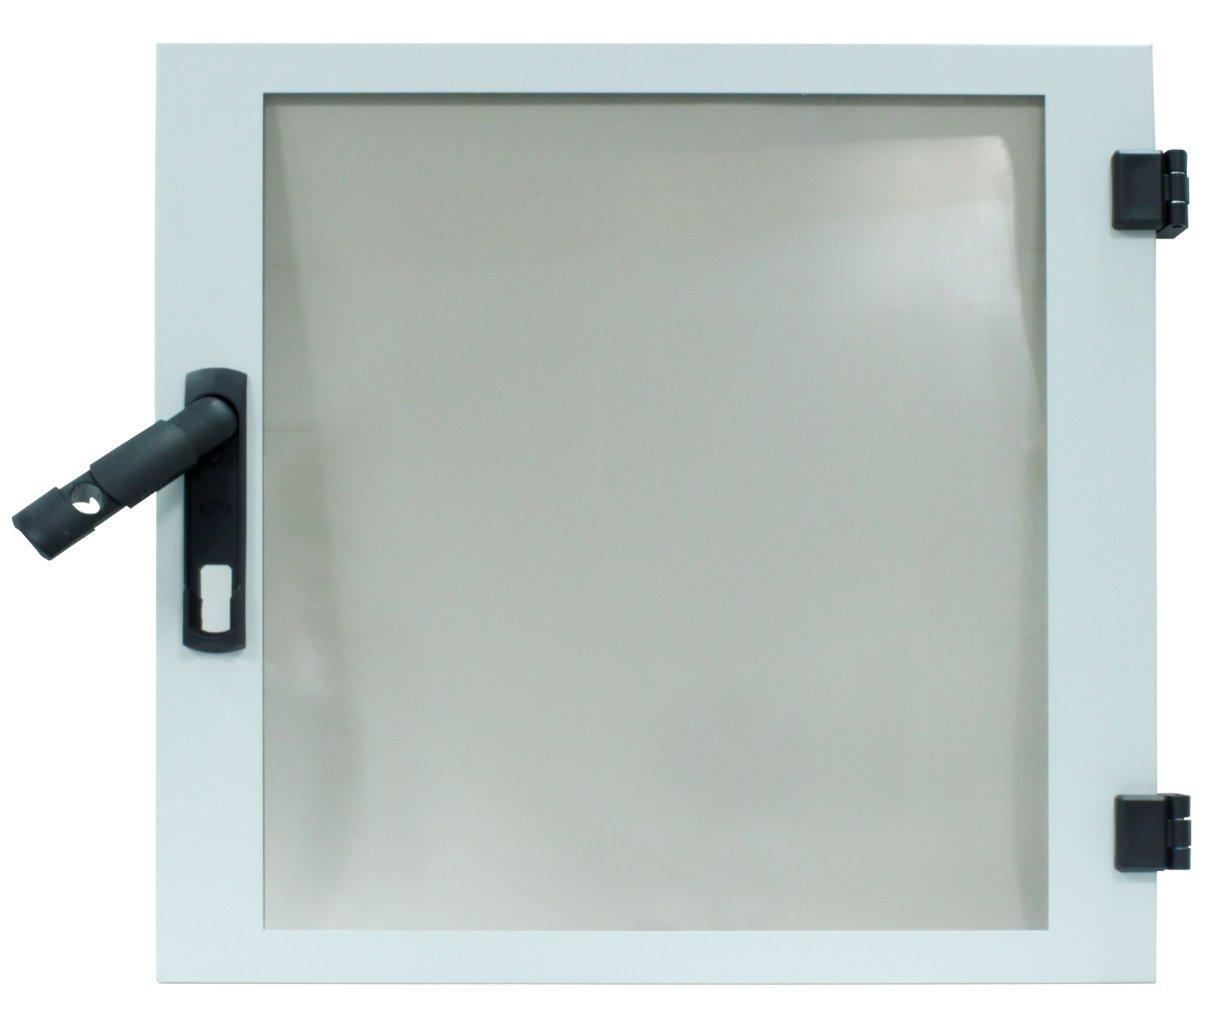 1 Stk Glas-Tür für DW-Schrank 4HE, B600, RAL7035, HZ-Vorbereitung DWRT0467--